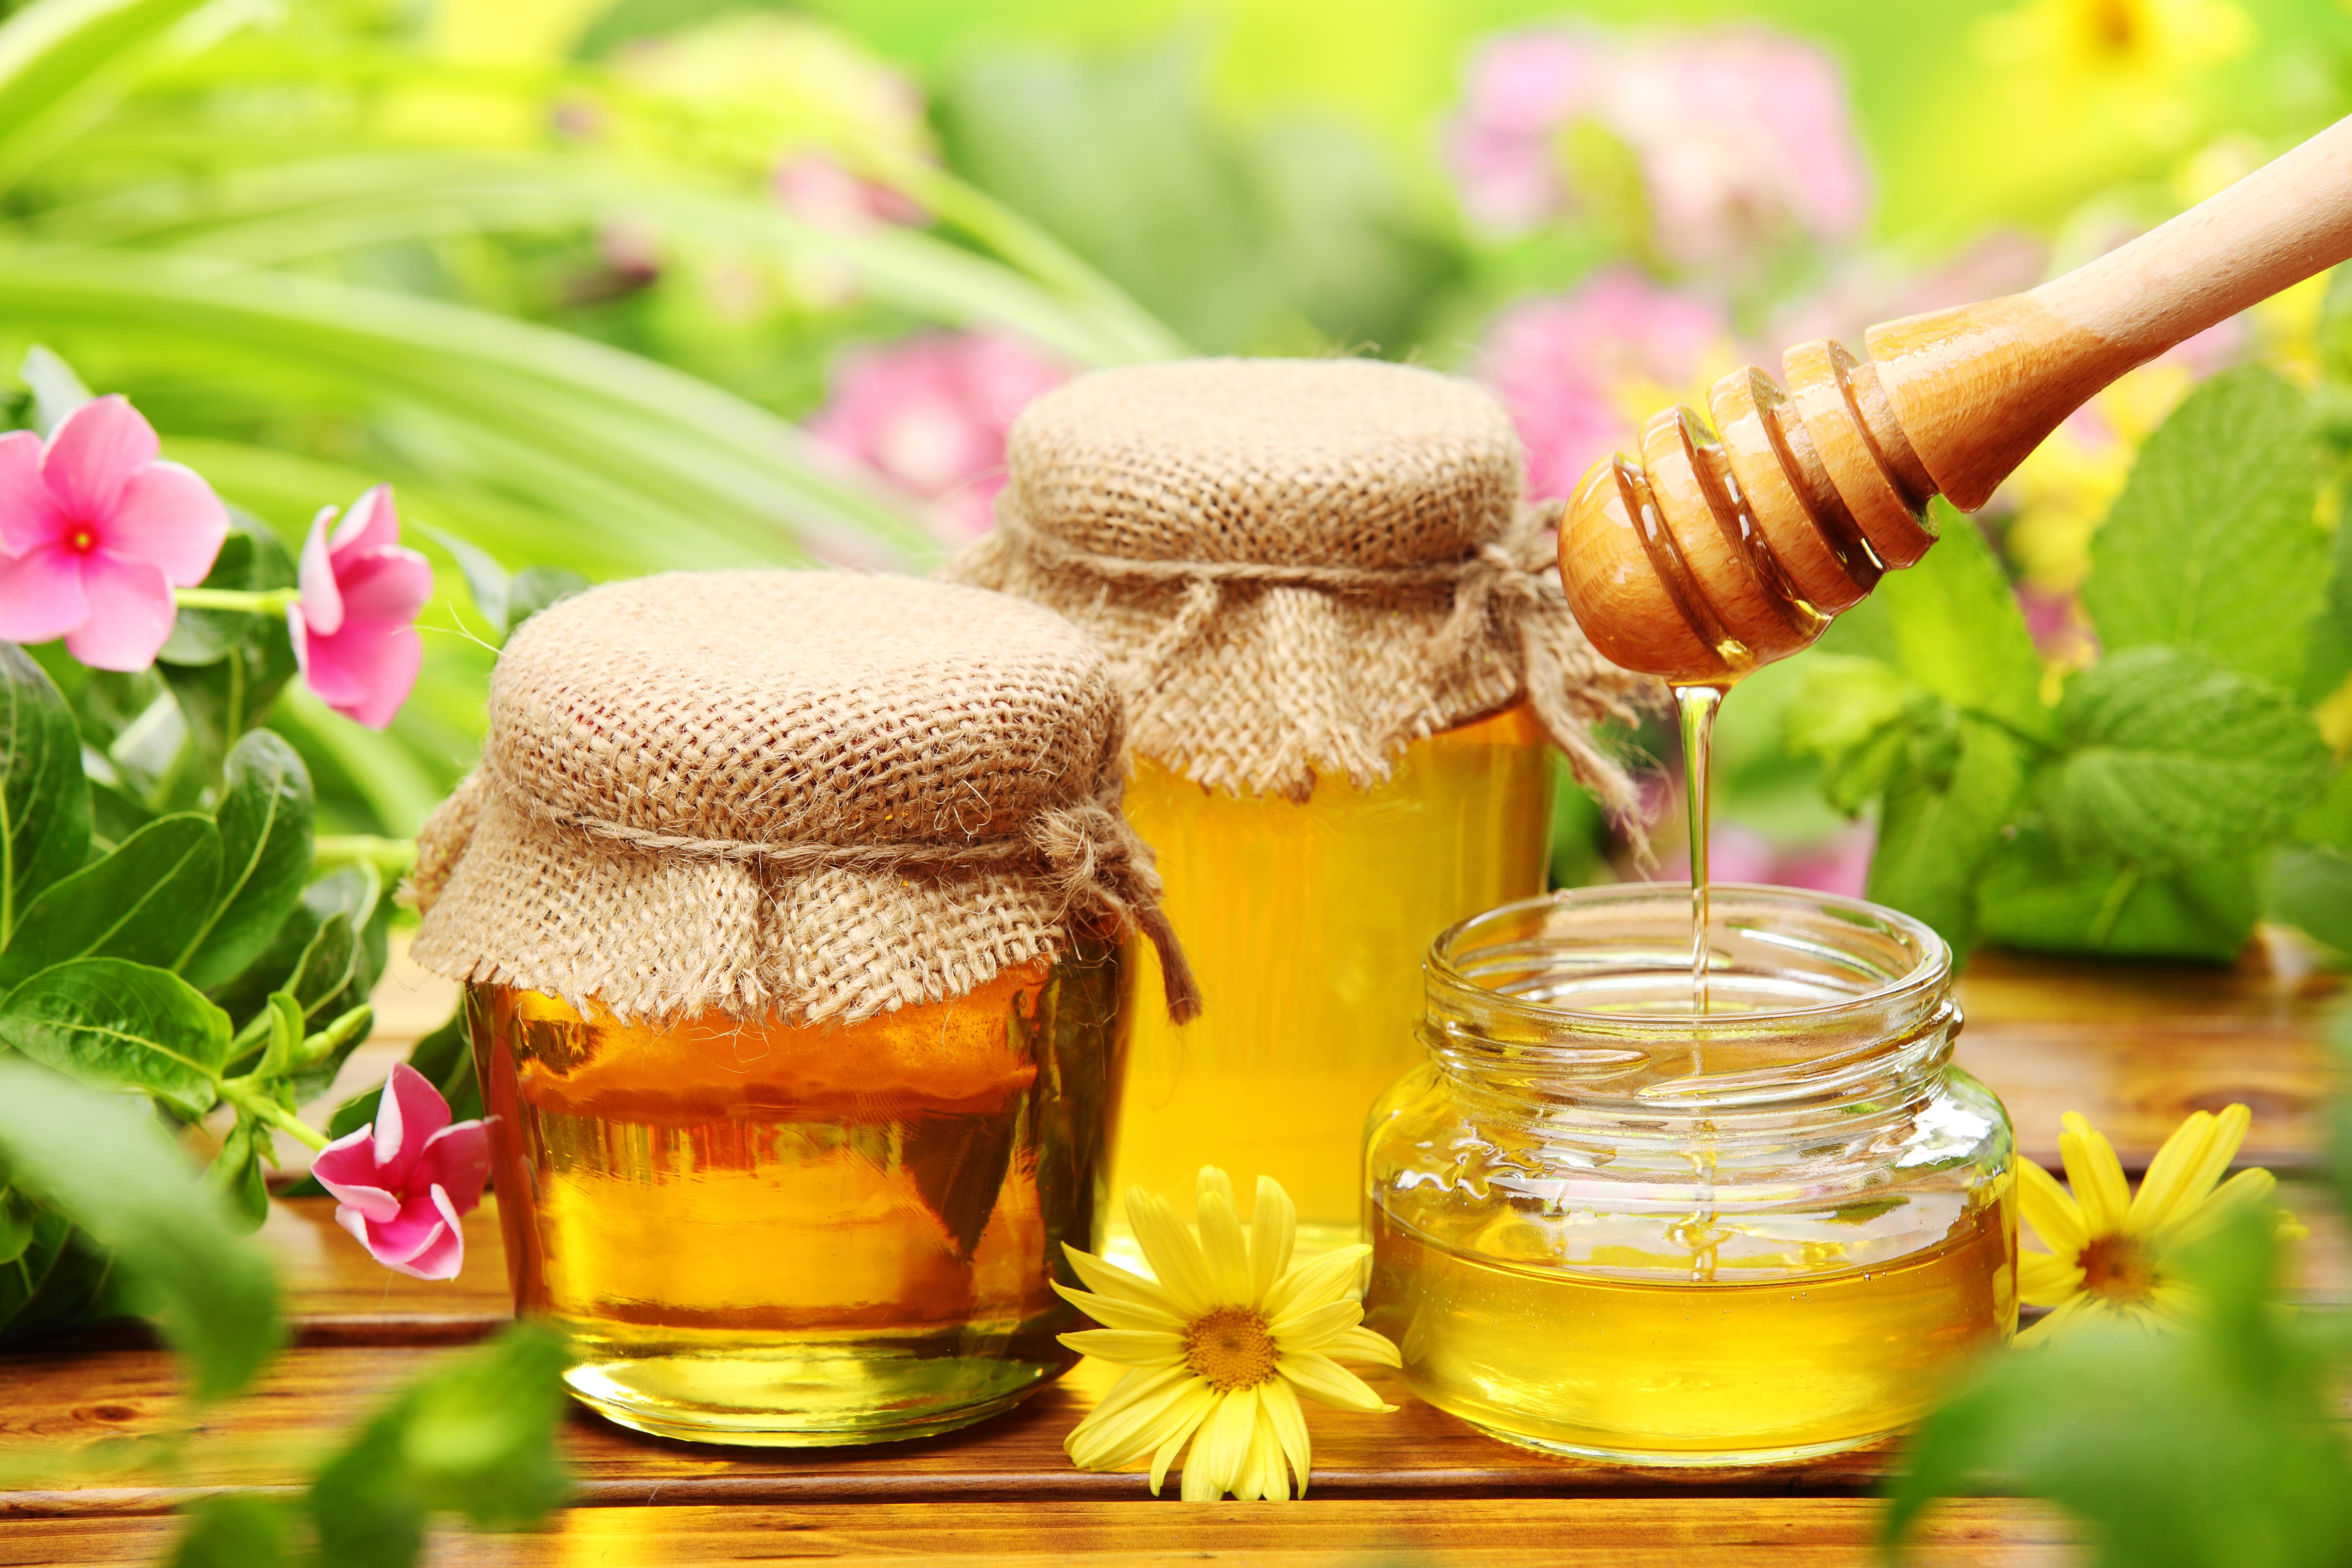 Ragweed Allergy in Spring Honey Cures Ragweed Allergy